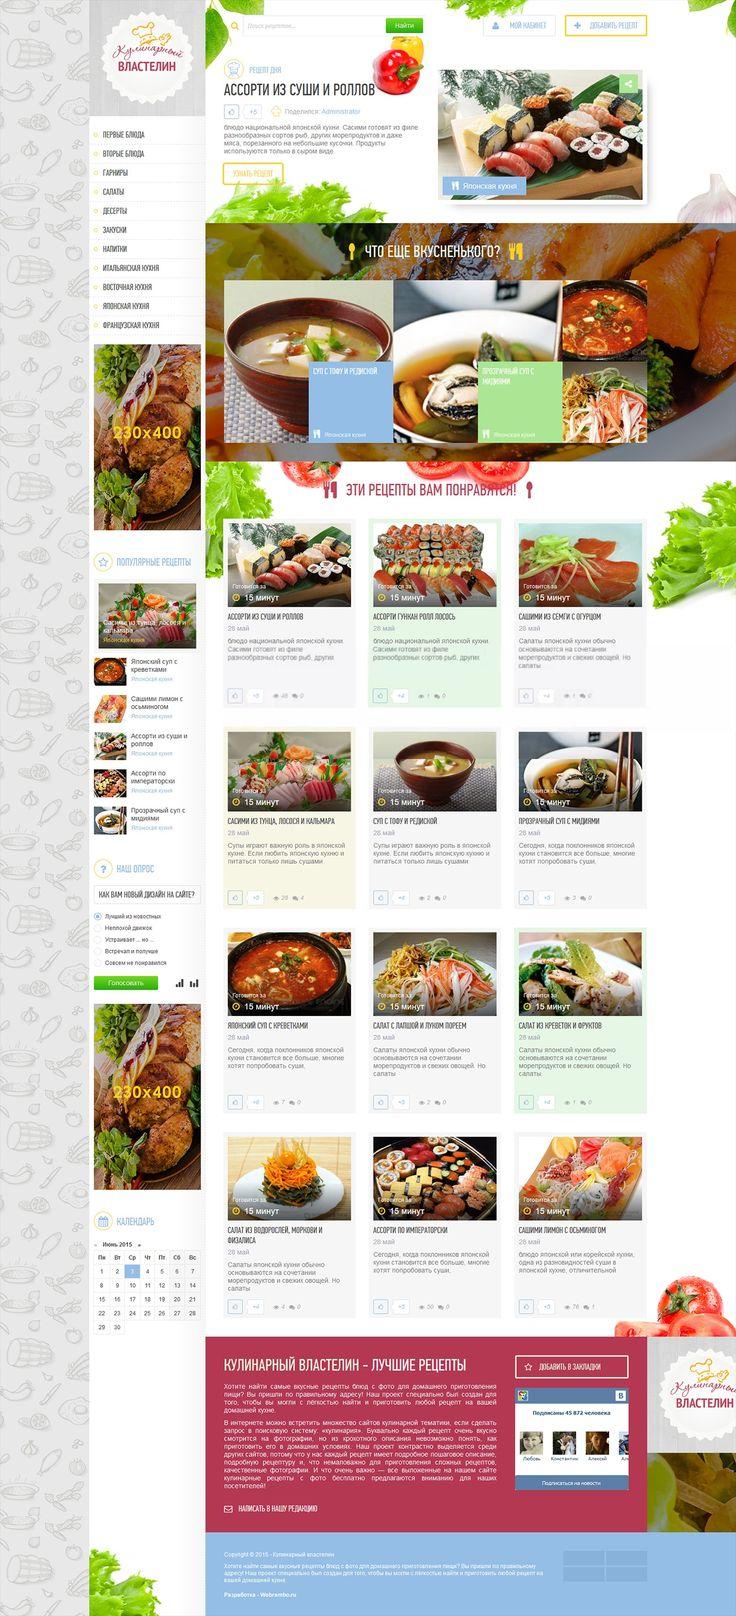 Кулинарный властелин для DLE #templates #website #шаблон #сайт #web